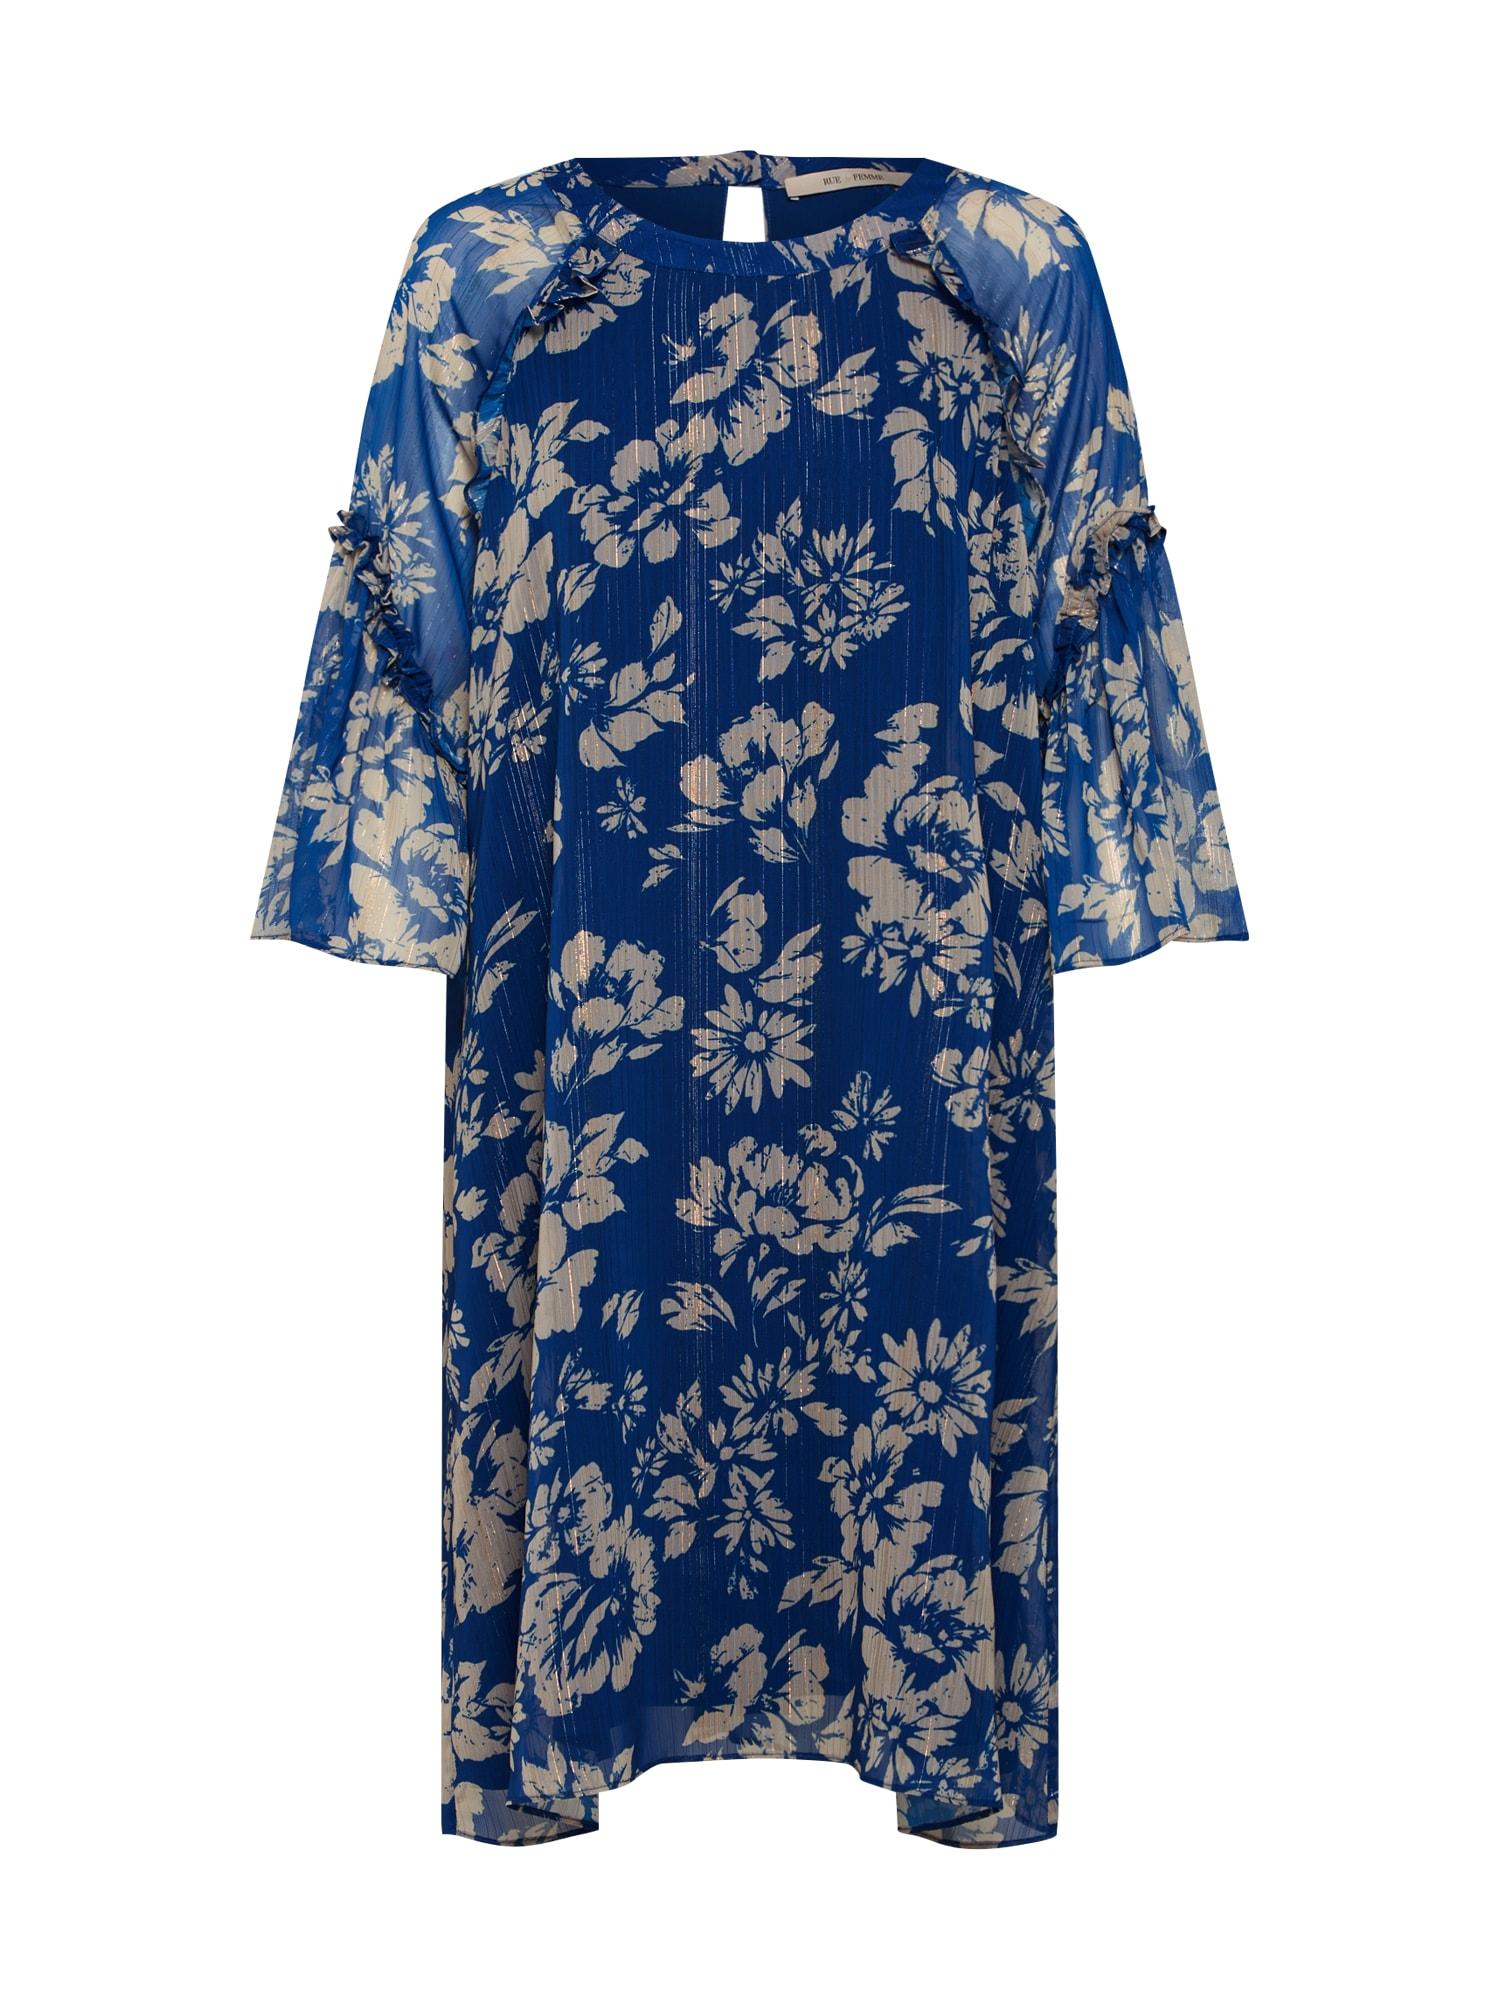 Šaty Viva béžová modrá RUE De FEMME